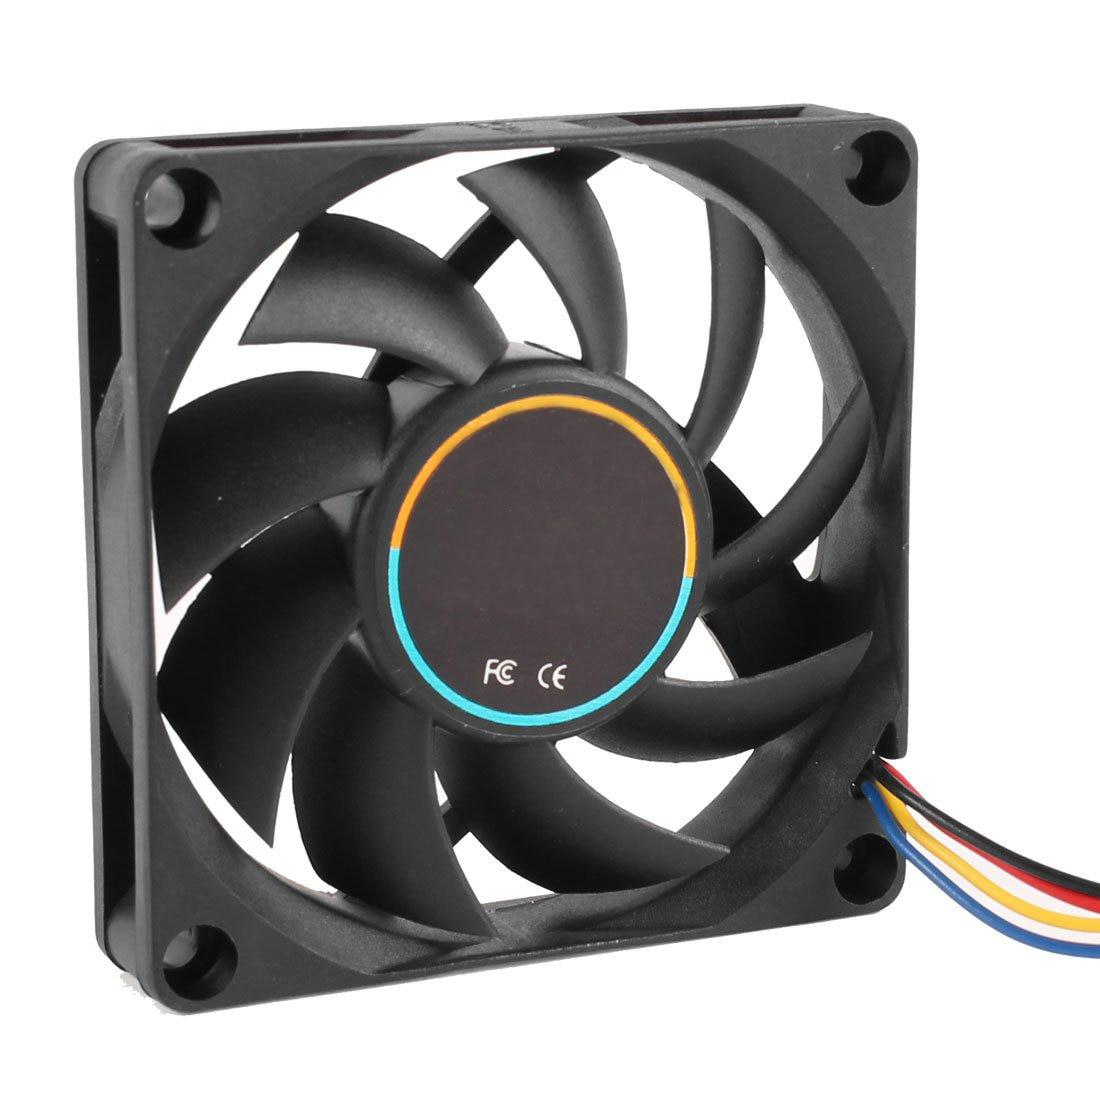 70x70x15 мм 12V 4-контактный PWM ПК компьютер чехол Процессор кулер вентилятор охлаждения черный